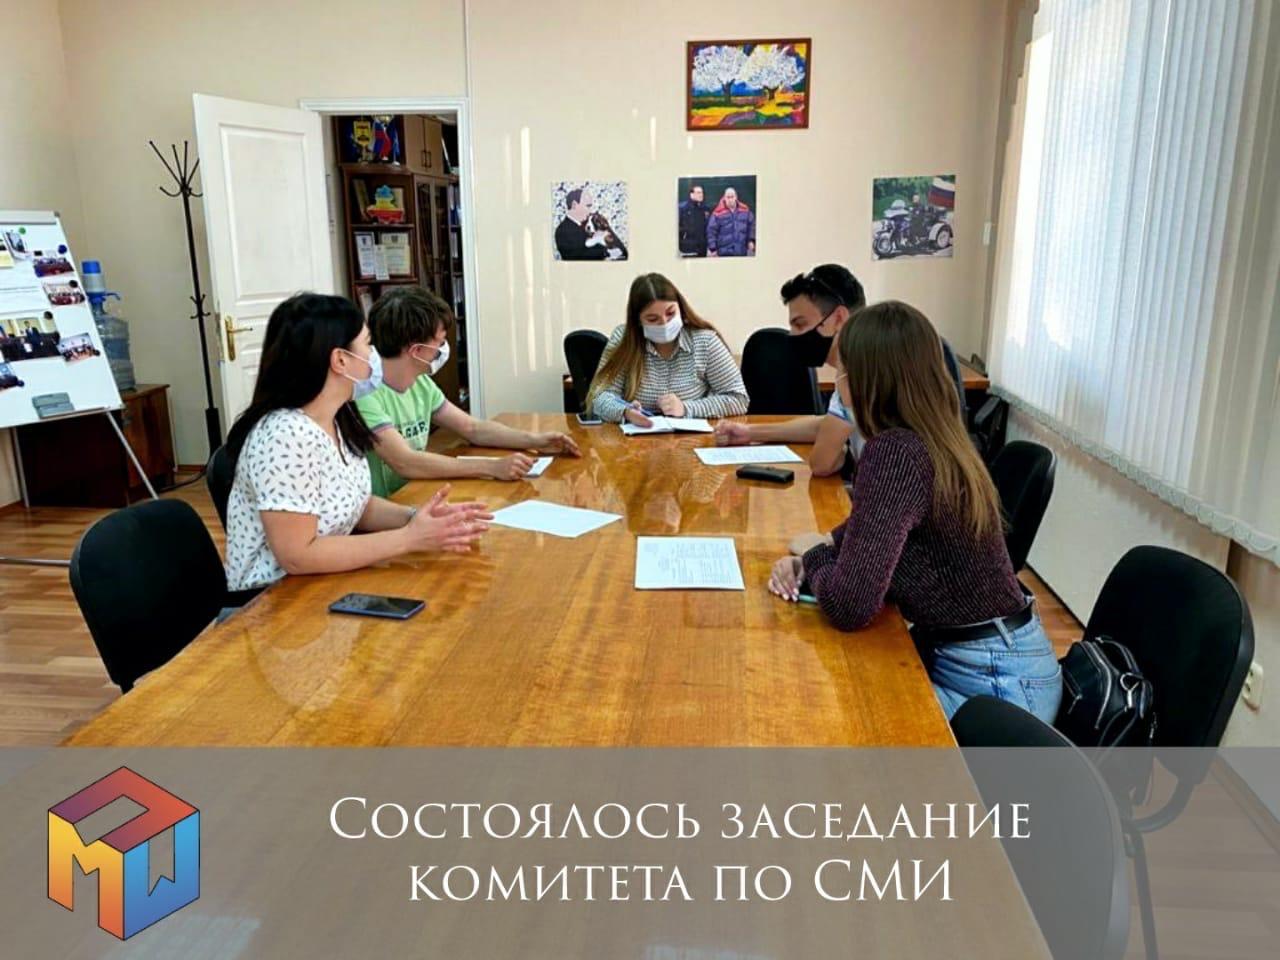 Состоялось заседание комитета по СМИ